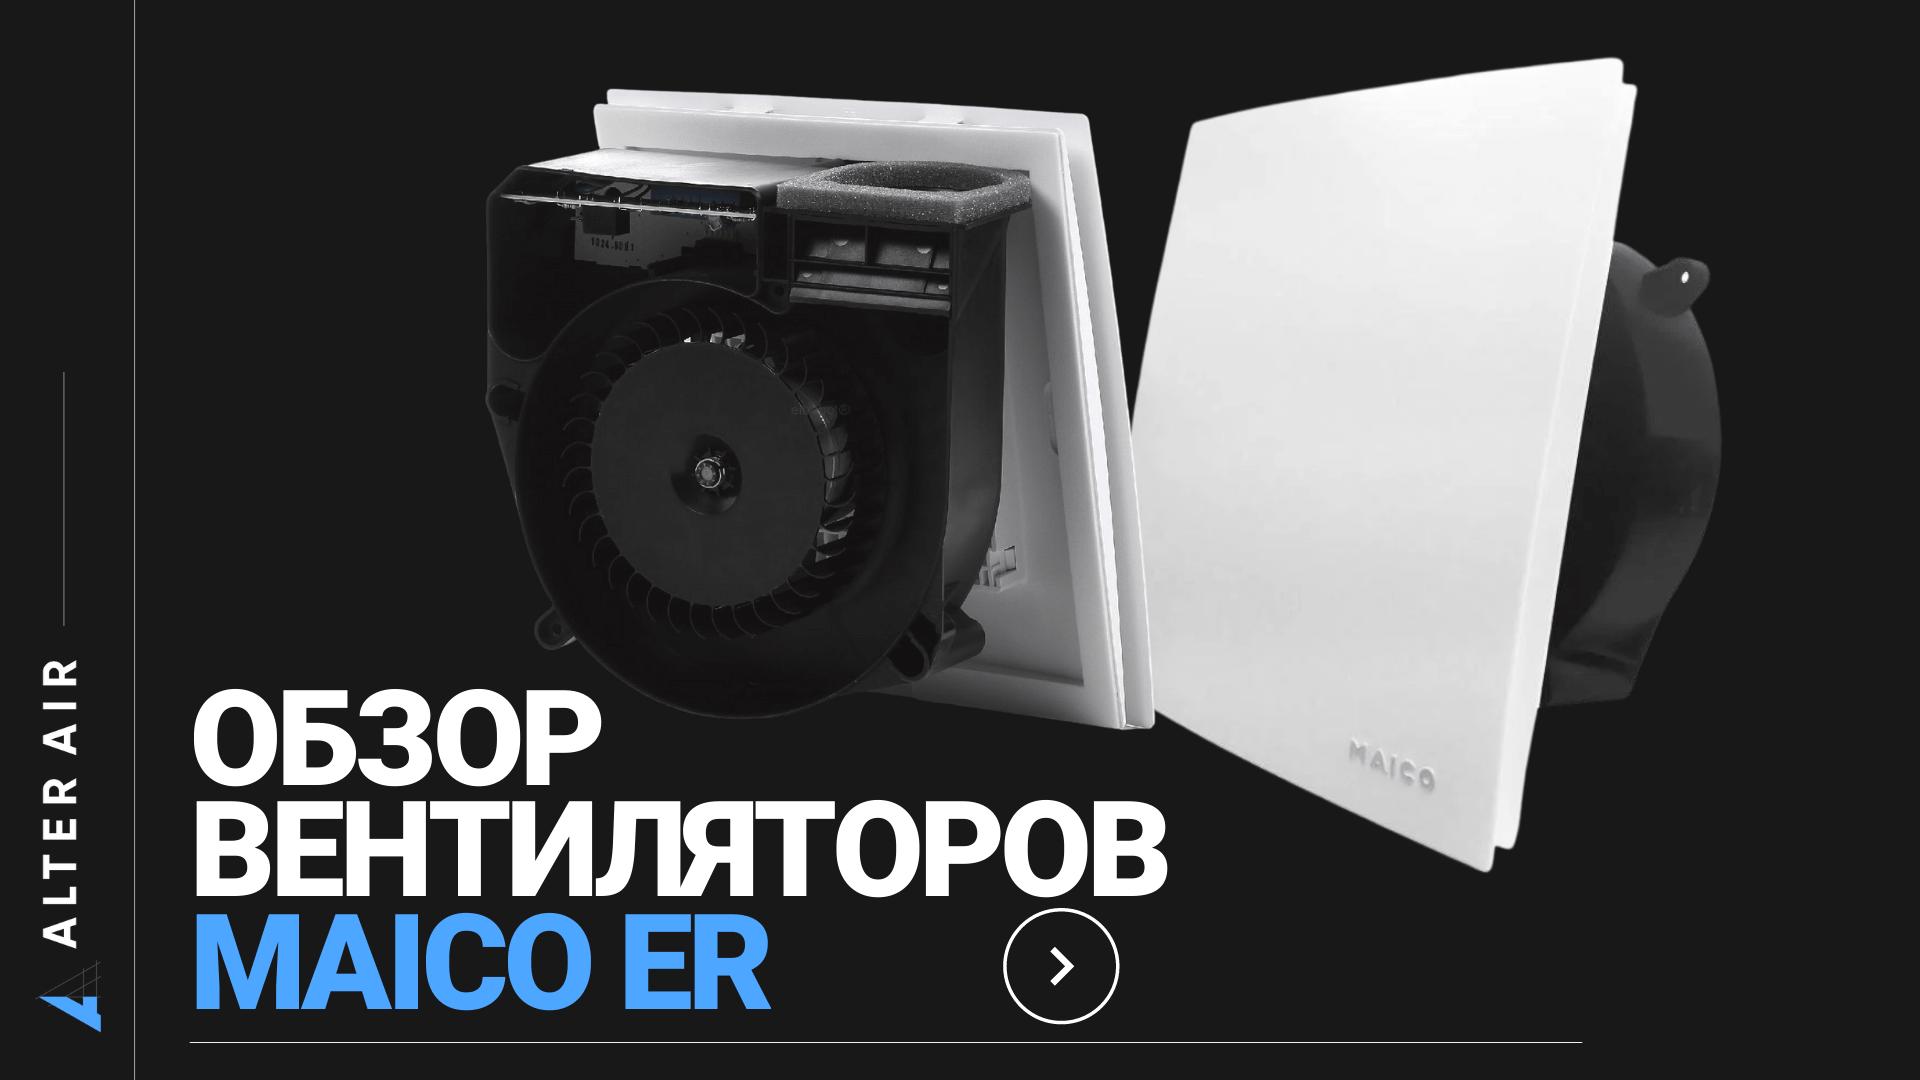 Огляд найпотужнішого вентилятора на ринку Європи - Maico ER